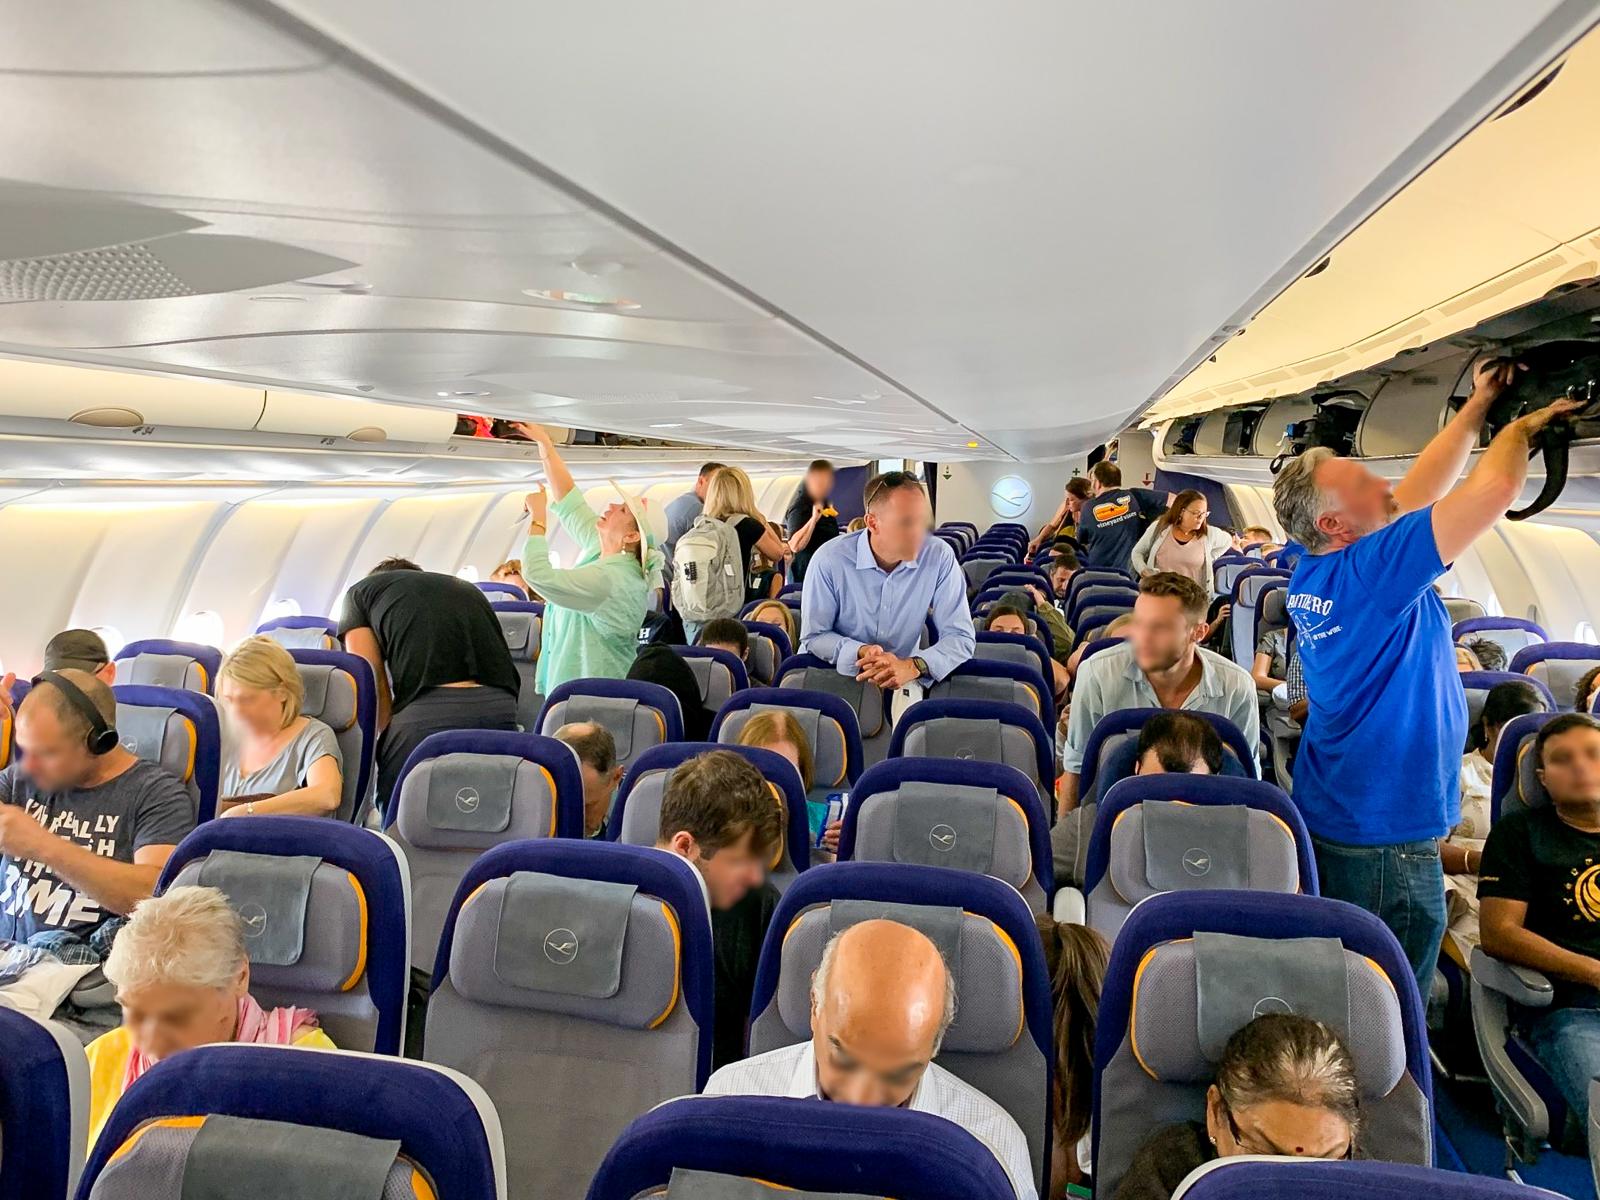 التاريخ الصادم.. متى يعود السفر بالطائرات إلى طبيعته؟